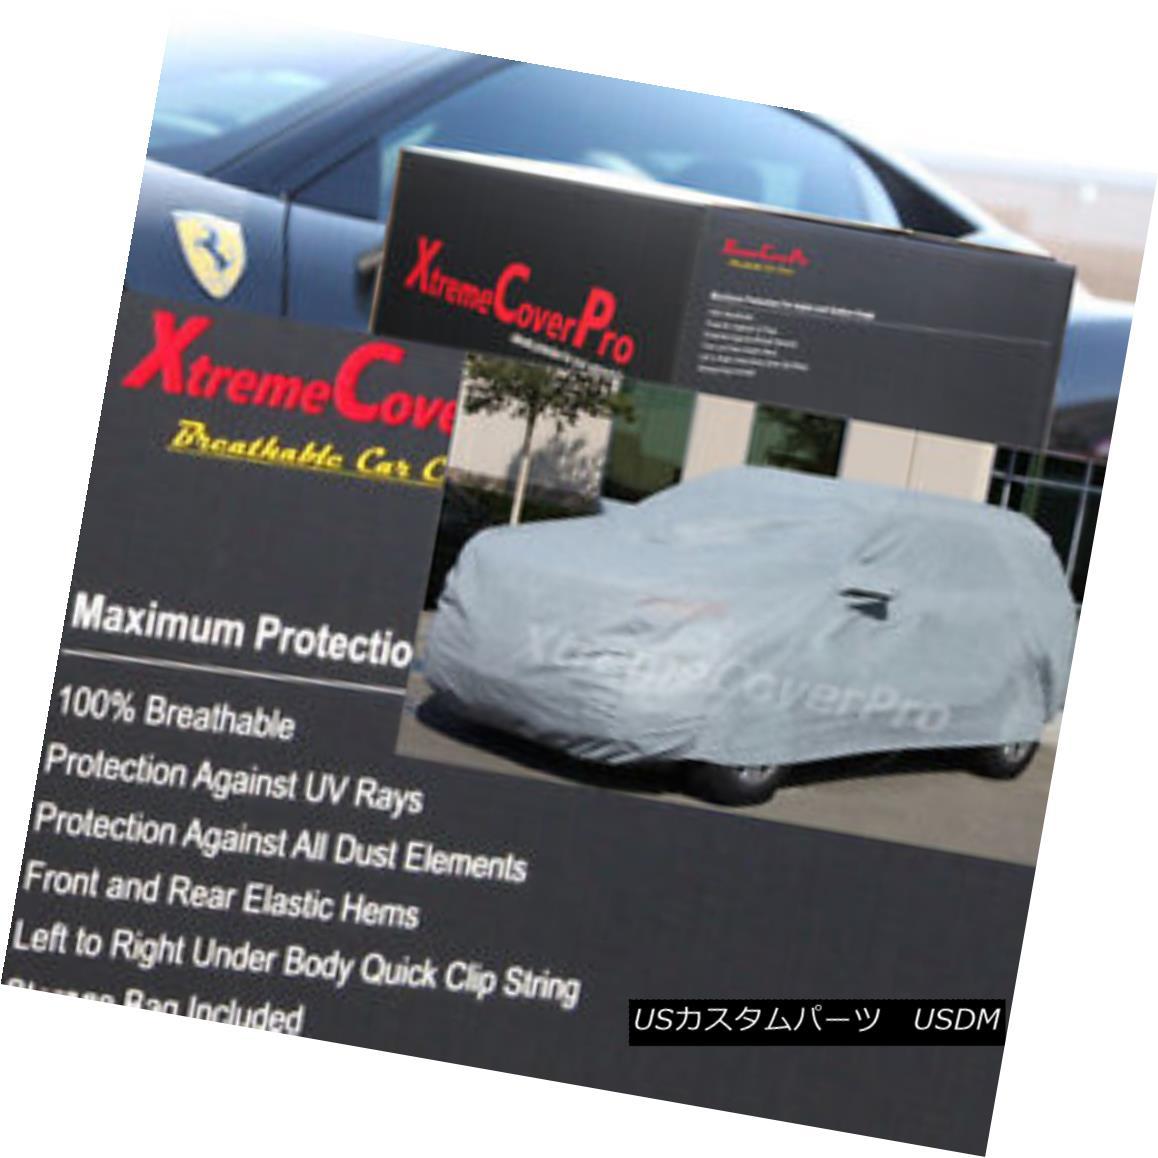 カーカバー 2015 CADILLAC SRX CROSSOVER Breathable Car Cover w/Mirror Pockets - Gray 2015 CADILLAC SRX CROSSOVER通気性のある車カバー付き/ミラーポケット - グレー